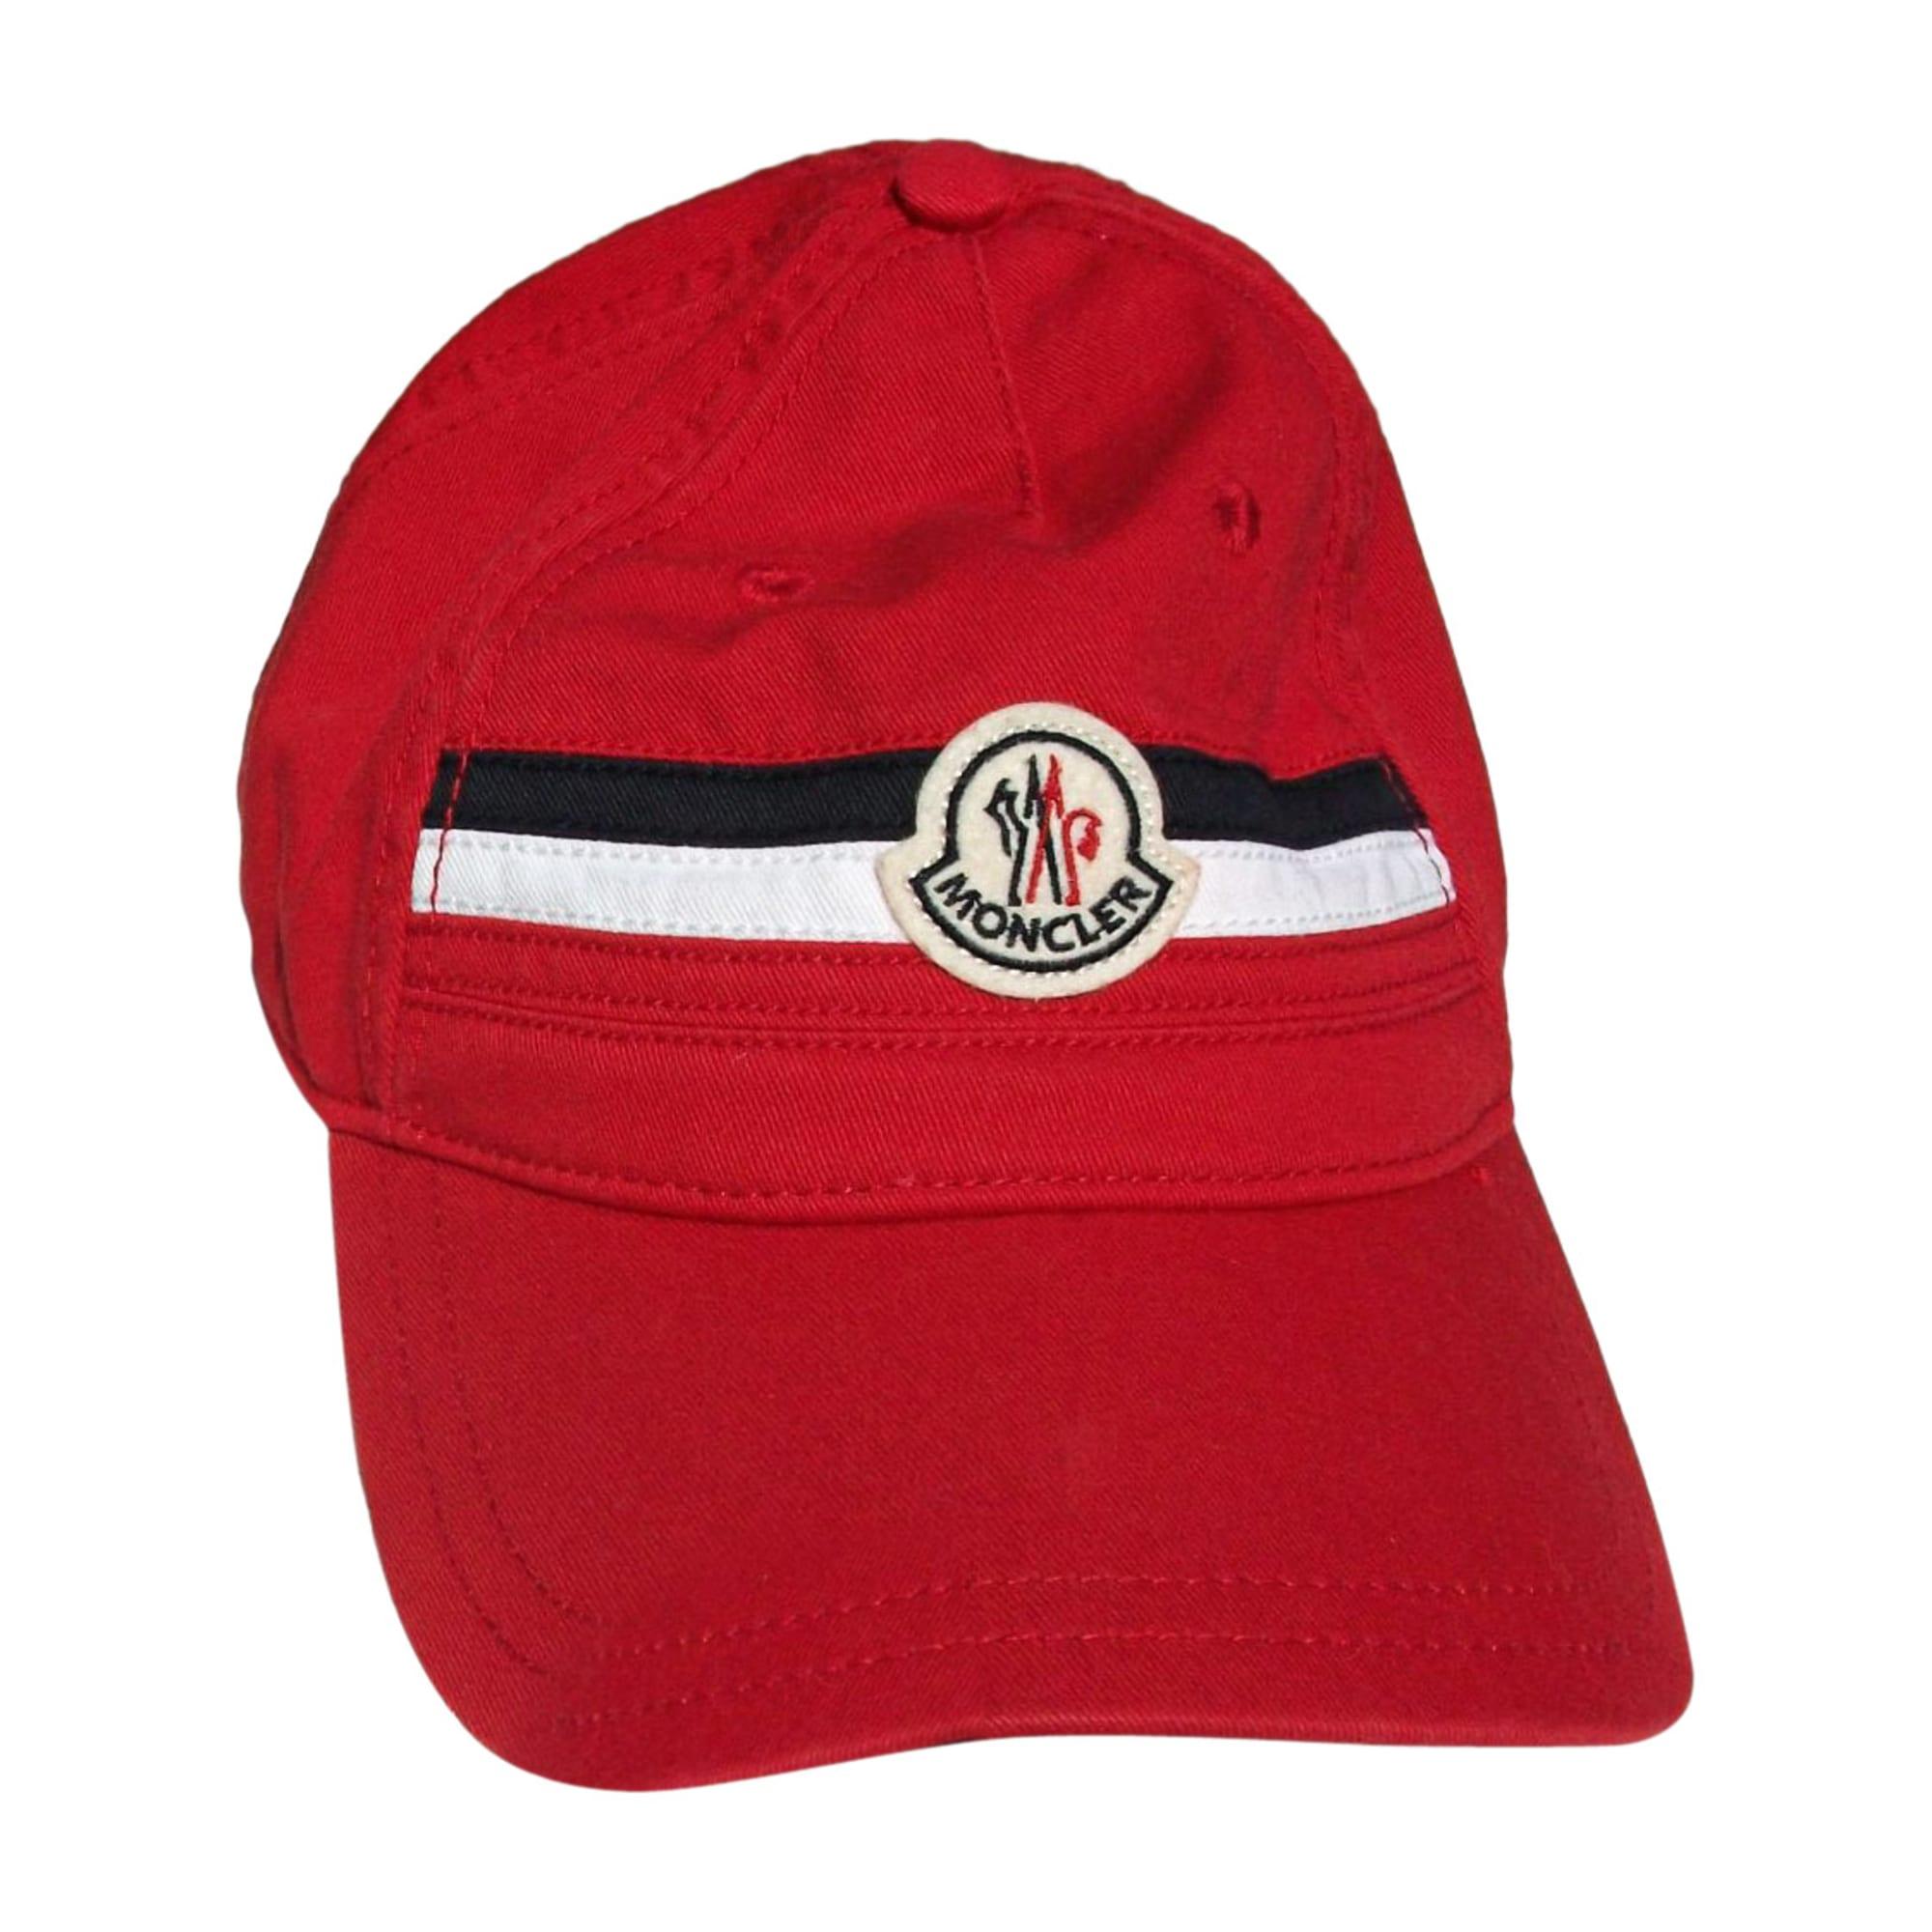 prix casquette moncler